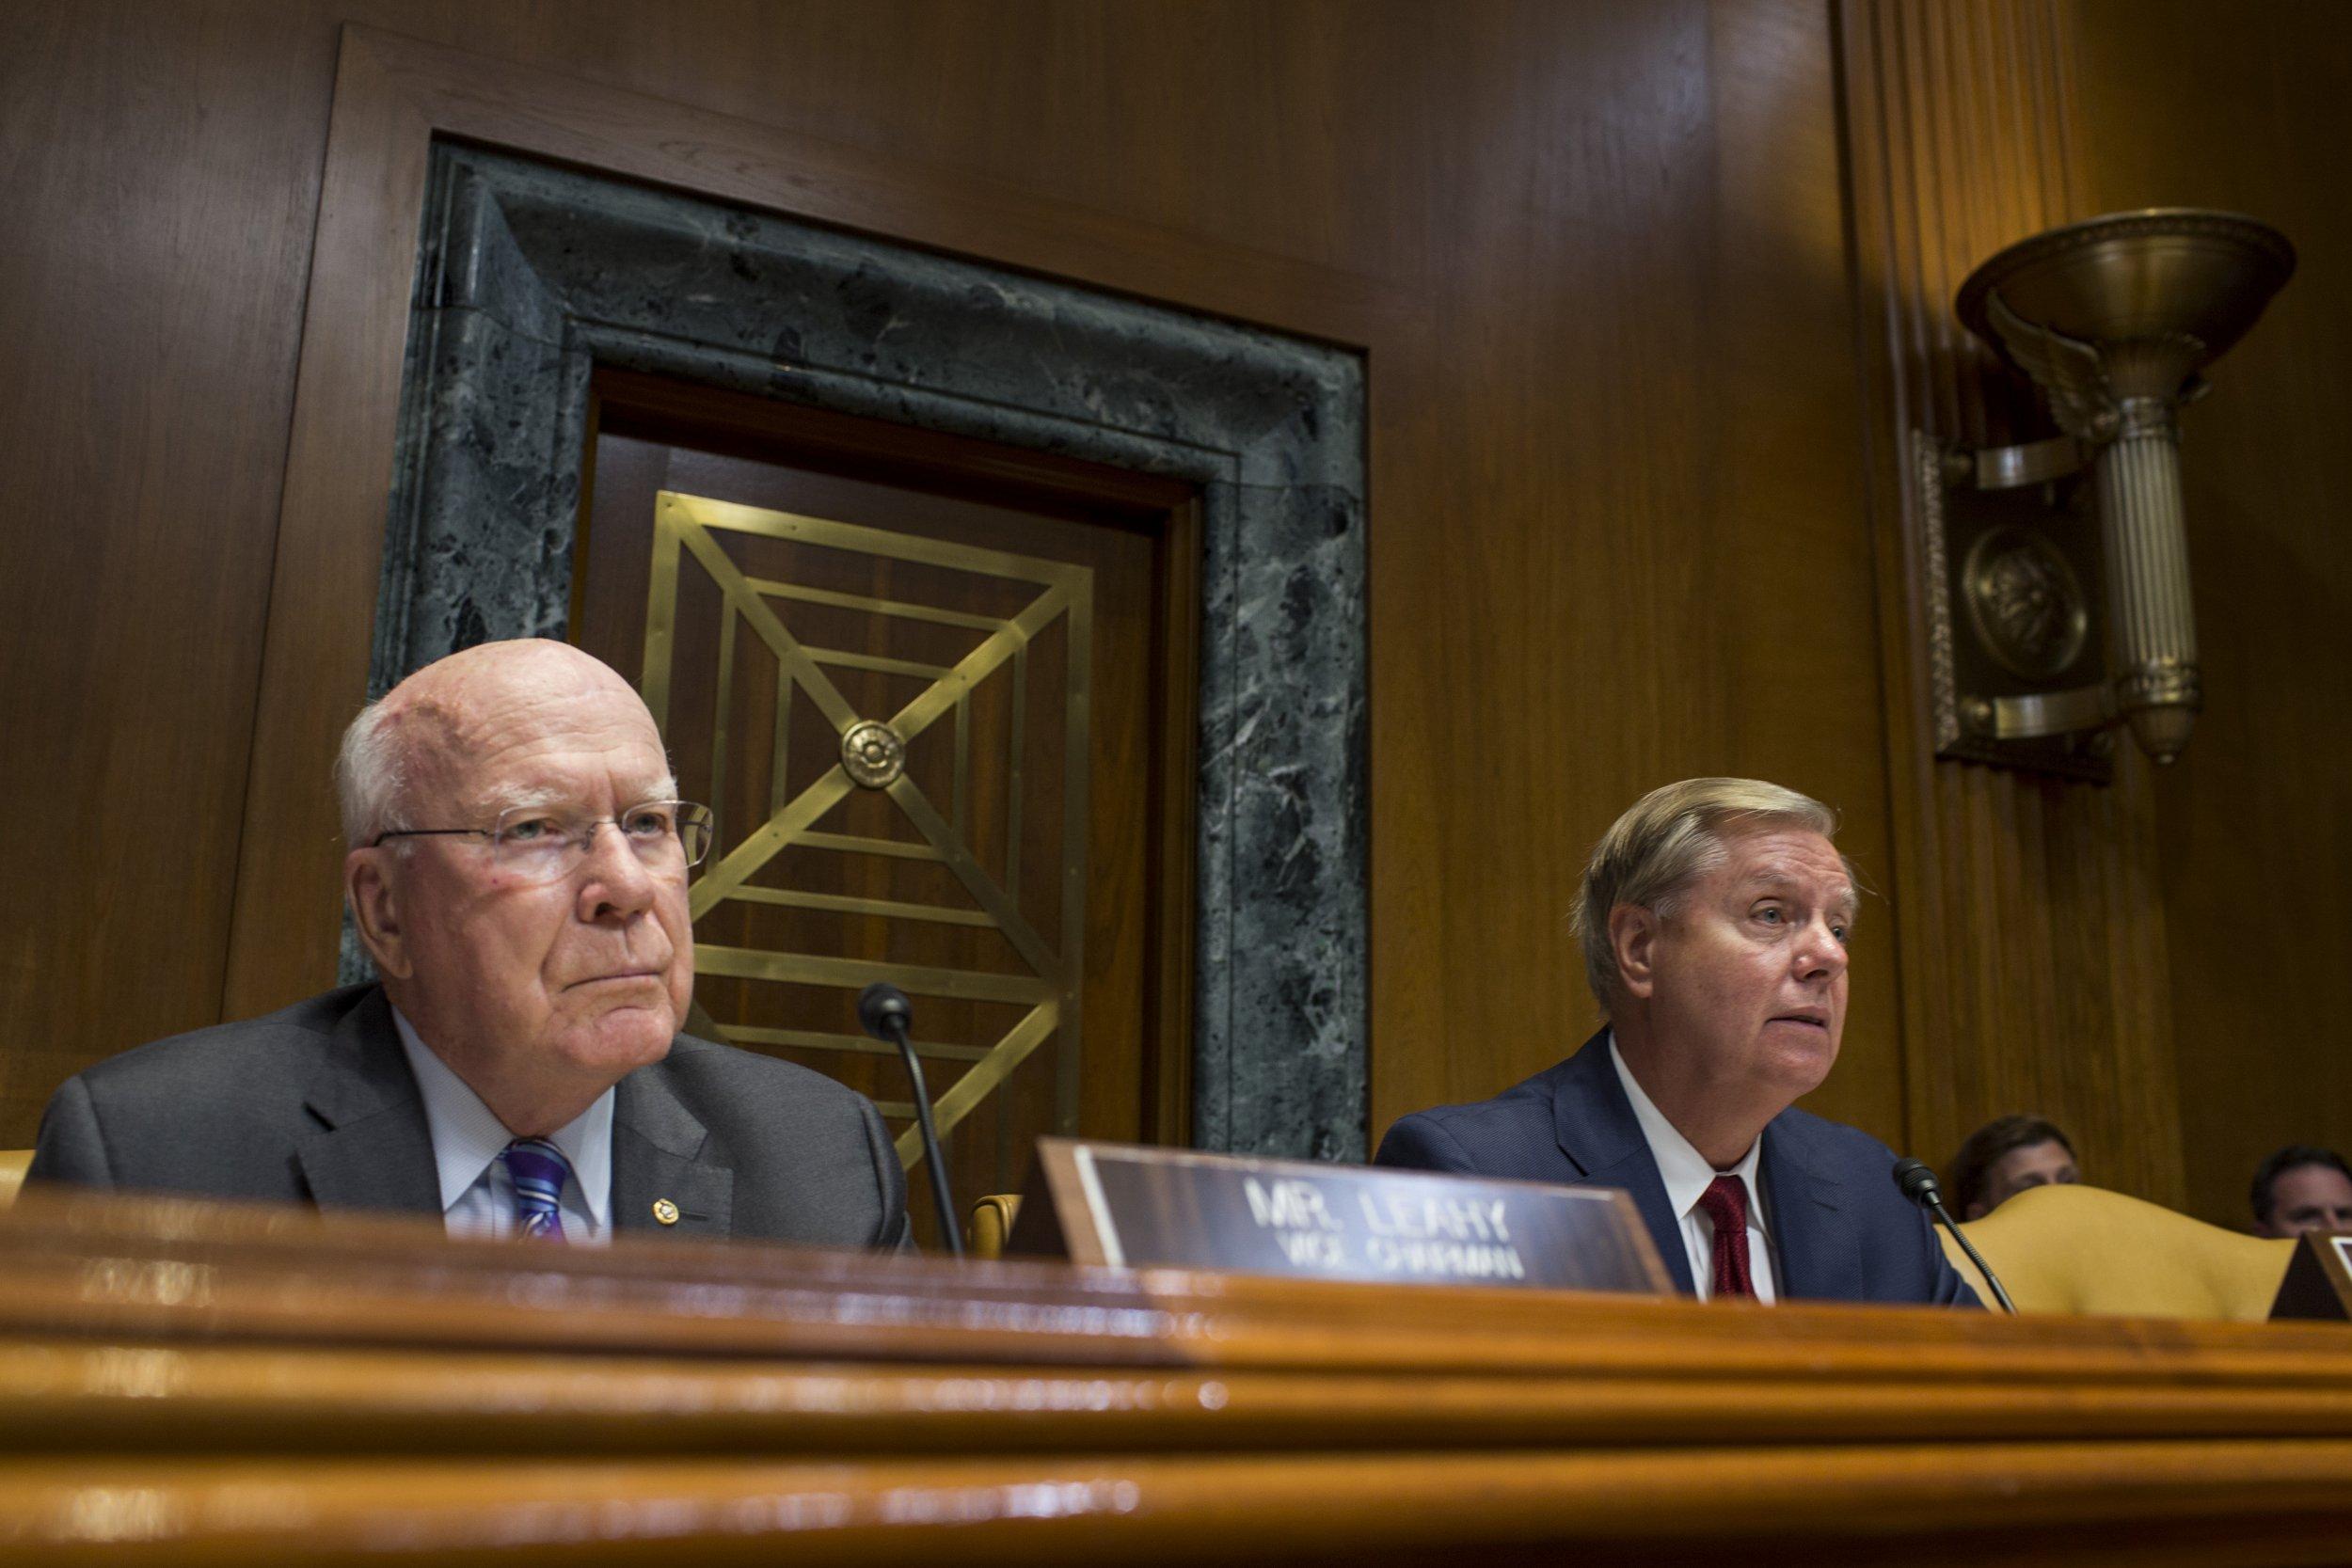 Republicans reject Senator Patrick Leahy's election security measure